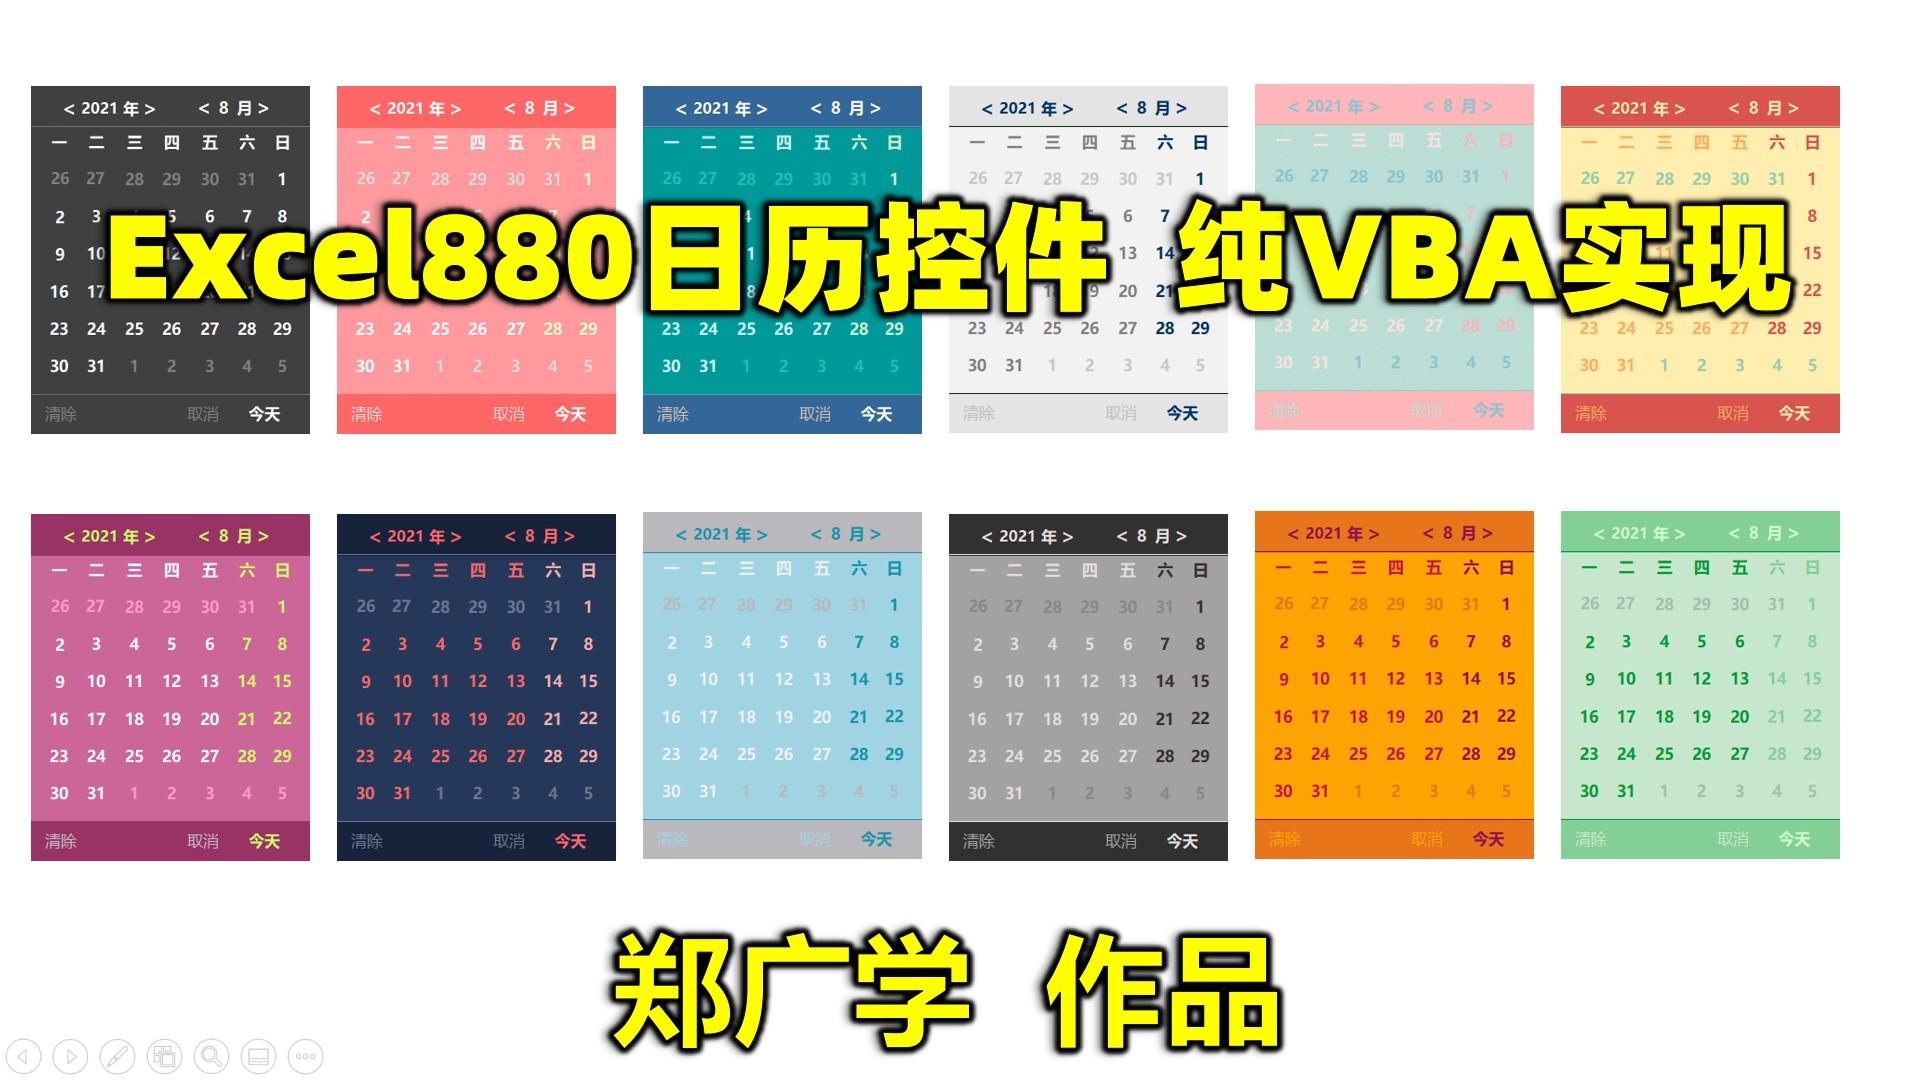 ExcelVBA日期控件美化 跟随单元格日期面板兼容32位+64位及WPS 窗体 日历控件 窗体跟随单元格代码 图文